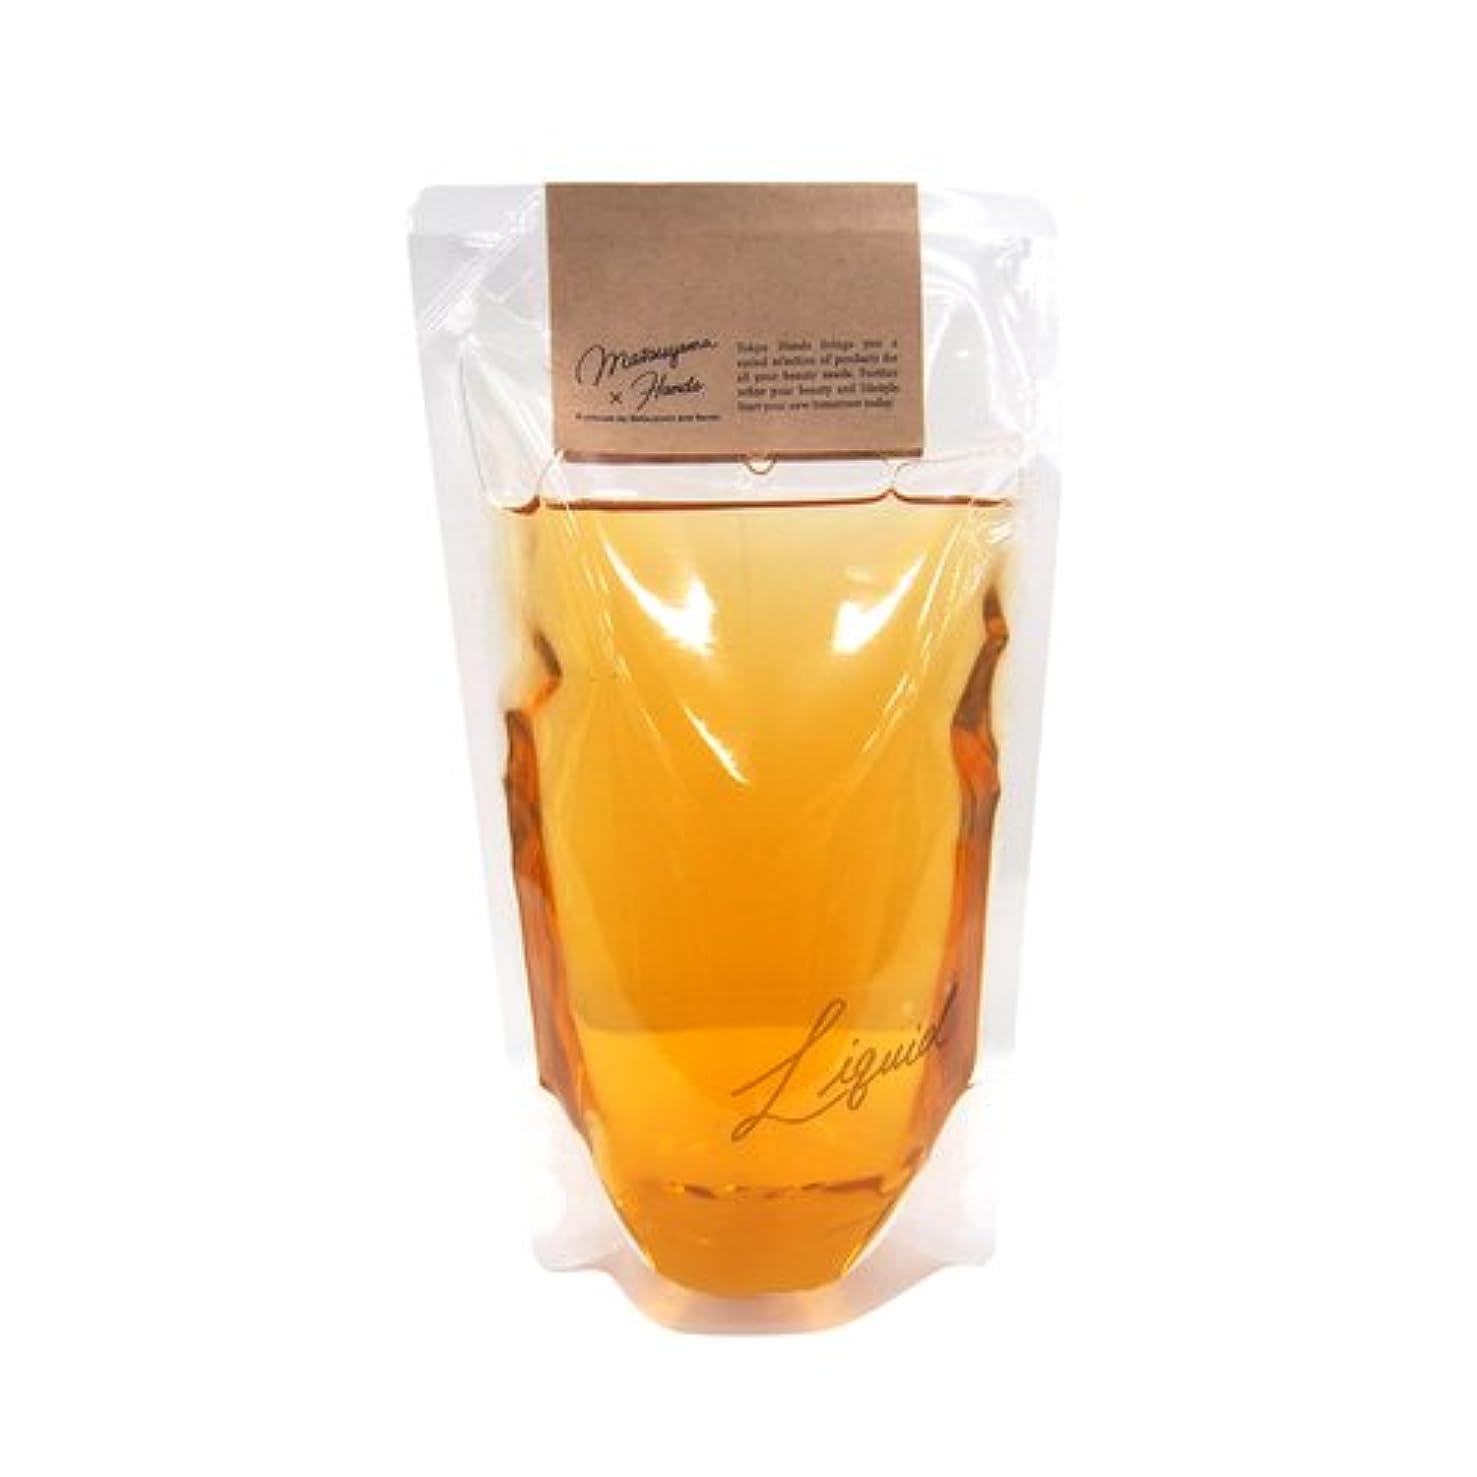 我慢する原子円形の松山油脂×東急ハンズ 東急ハンズオリジナル モイスチャーリキッドソープ カモミール替 280mL